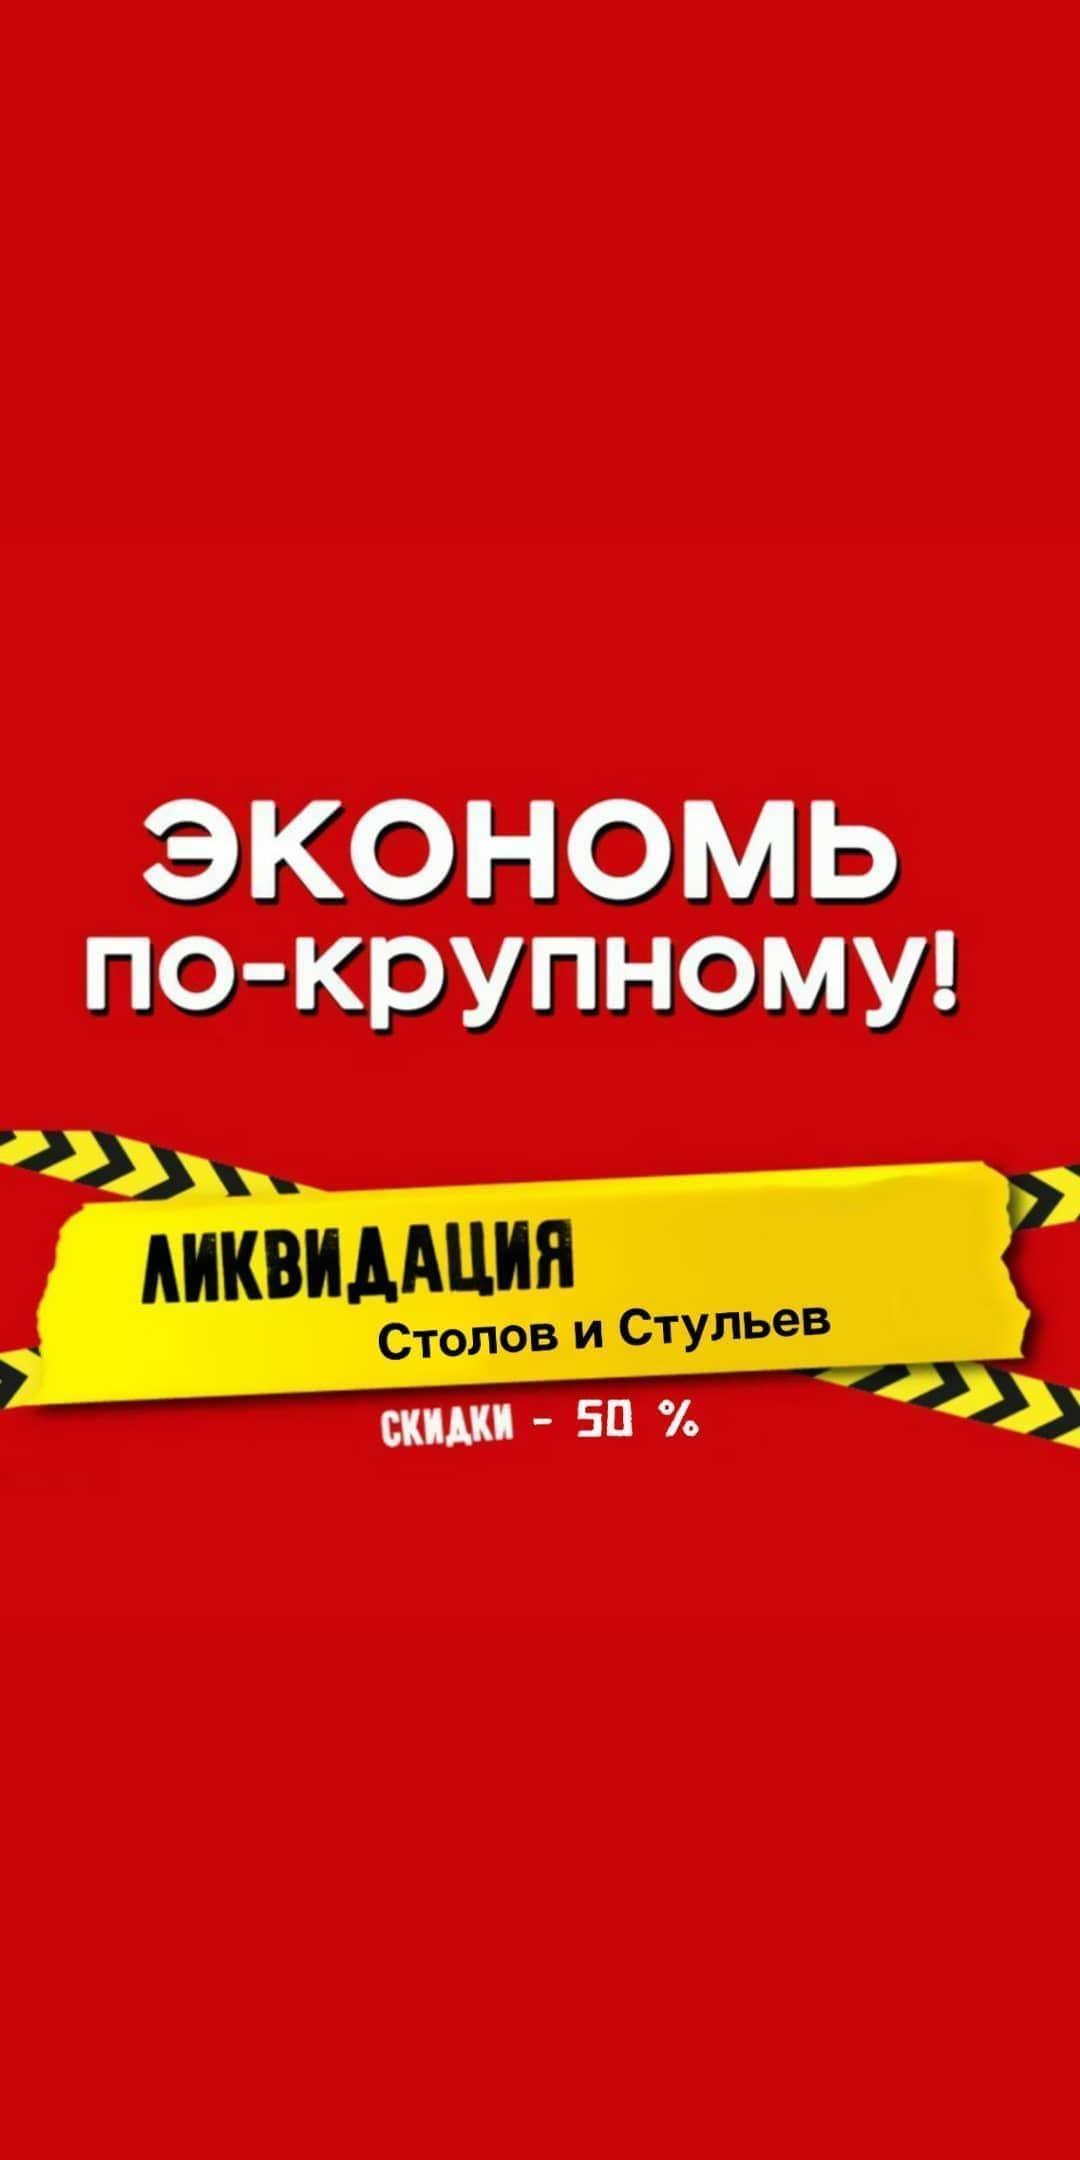 столыистулья_сммстудияанг